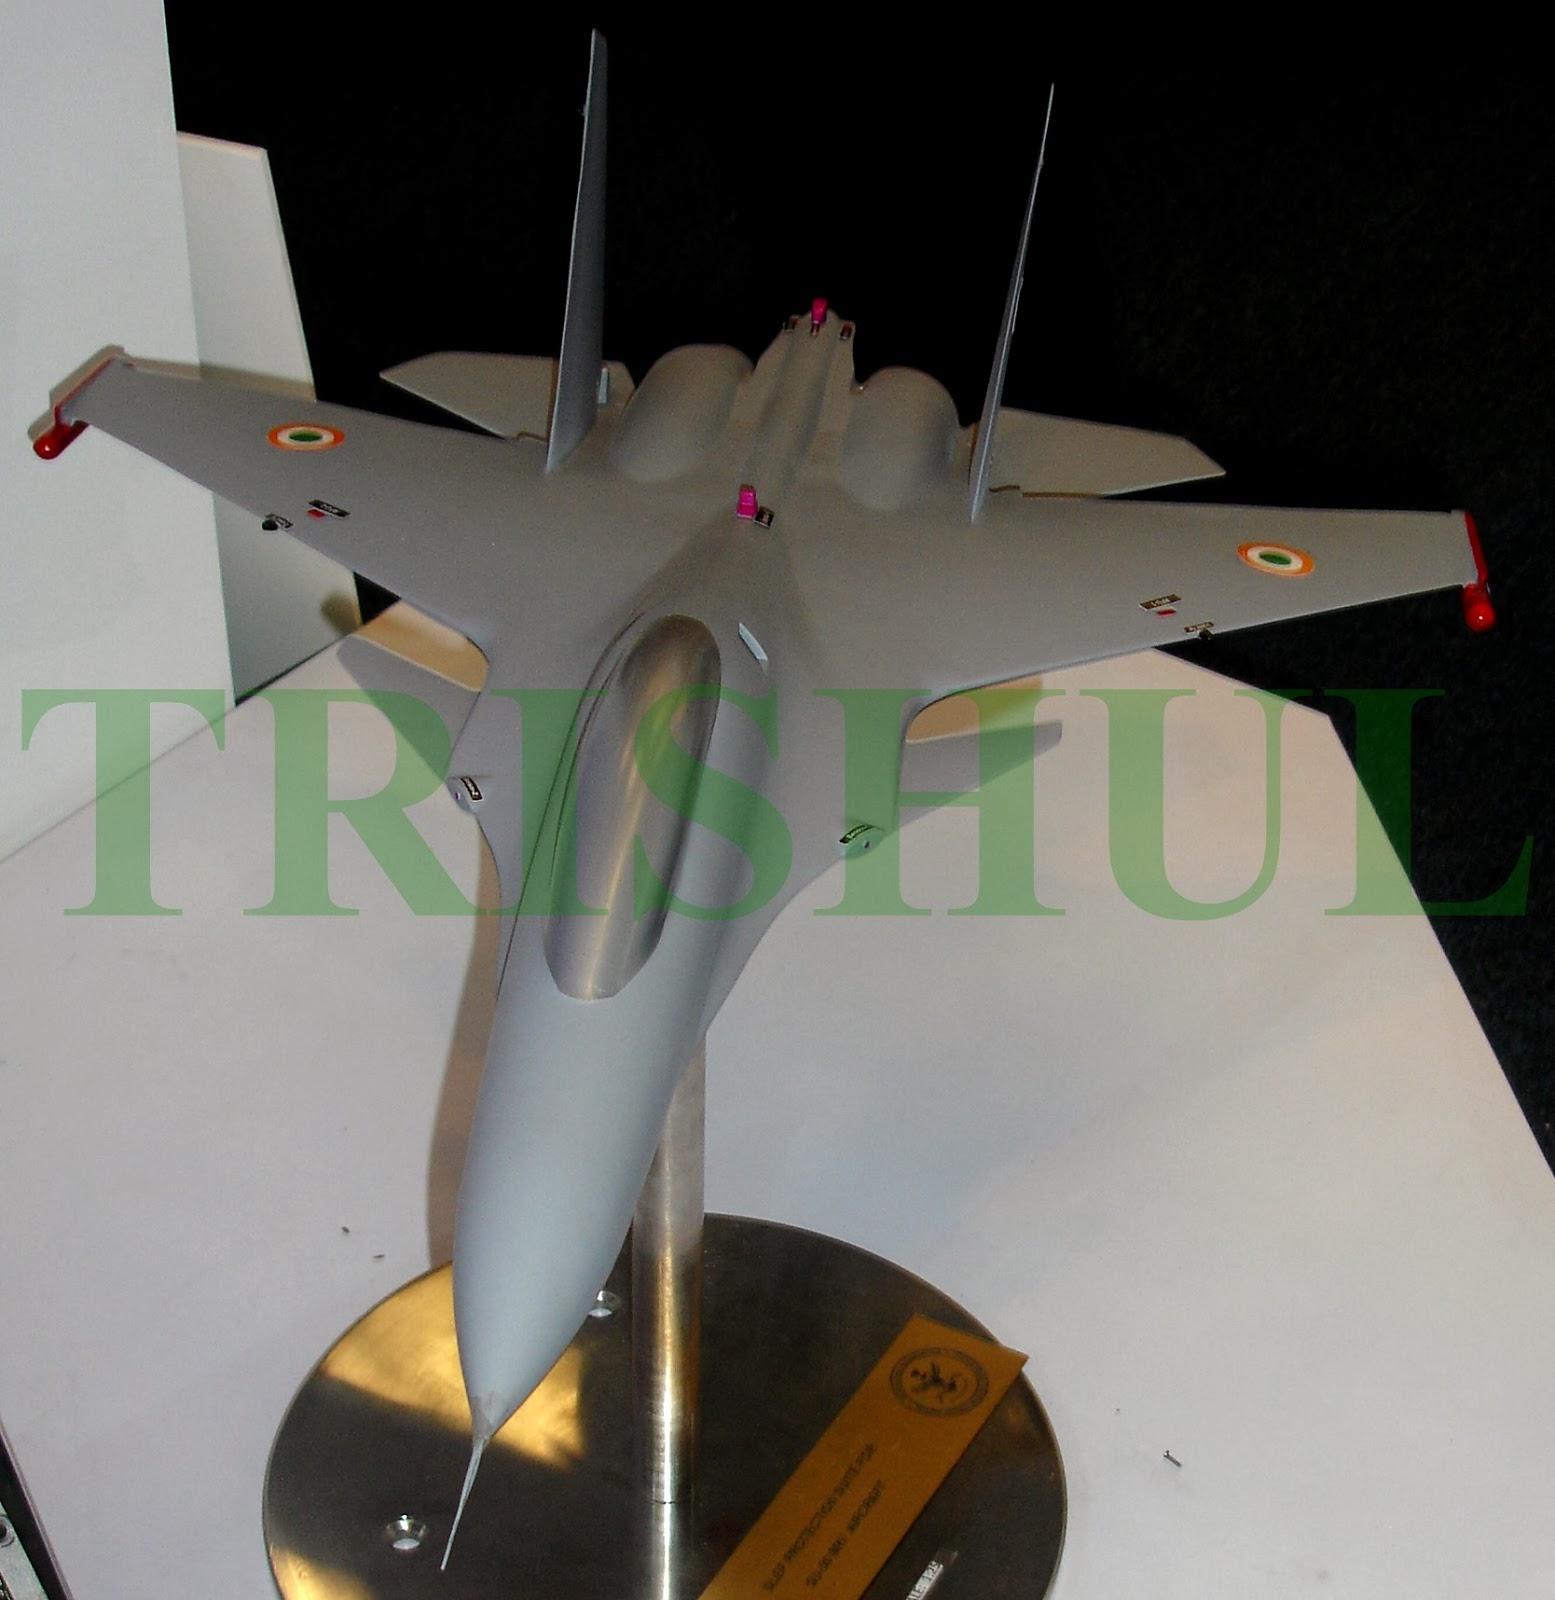 Индия близка к подписанию контракта с Россией на разработку истребителя FGFA